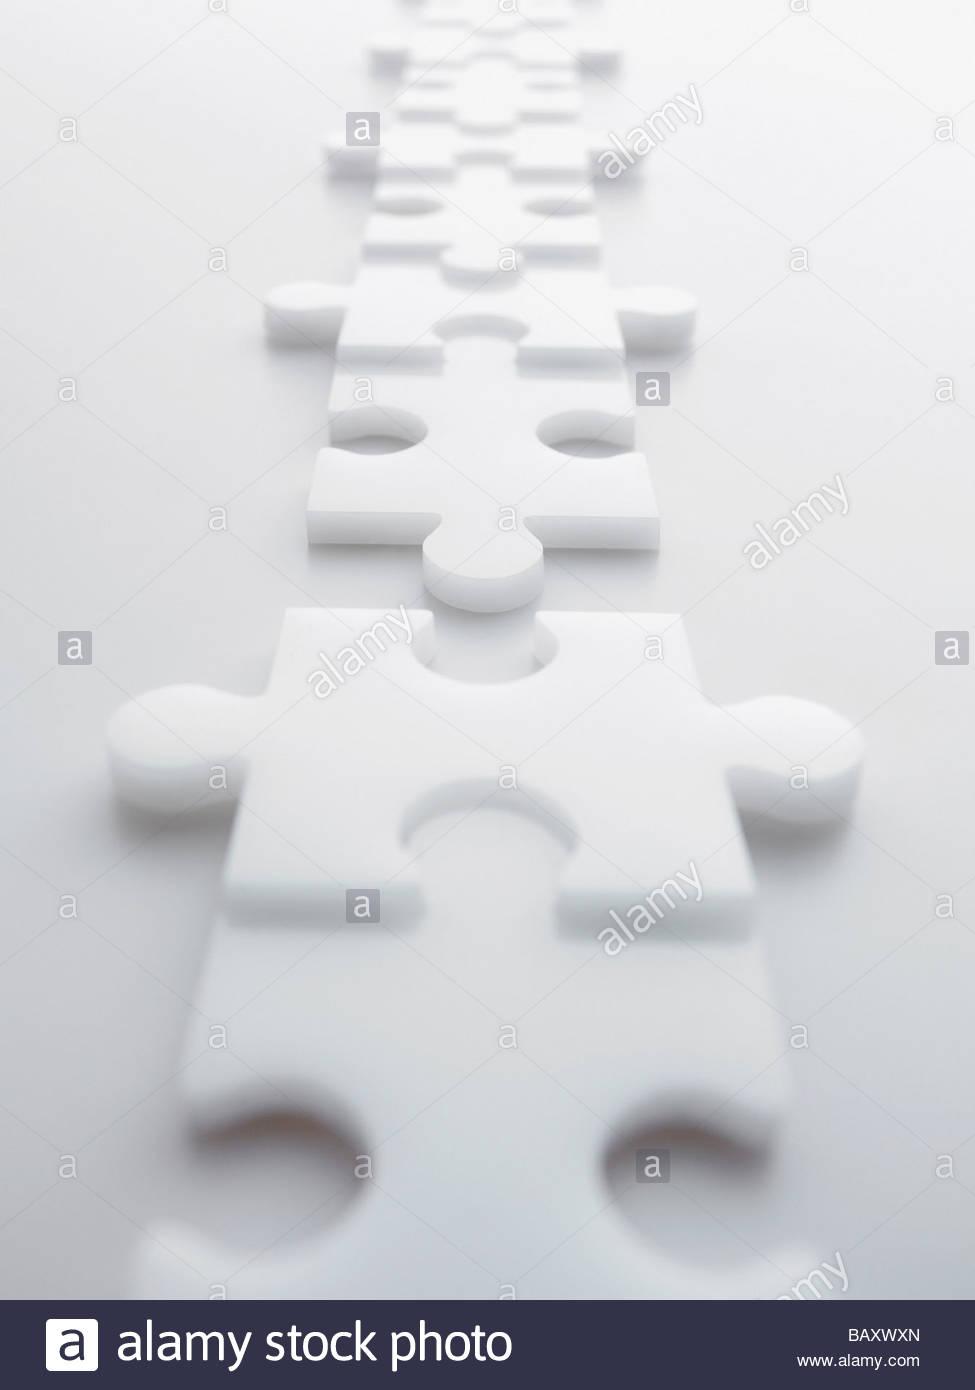 Deux lignes séparées des pièces de puzzle imbriquées Photo Stock